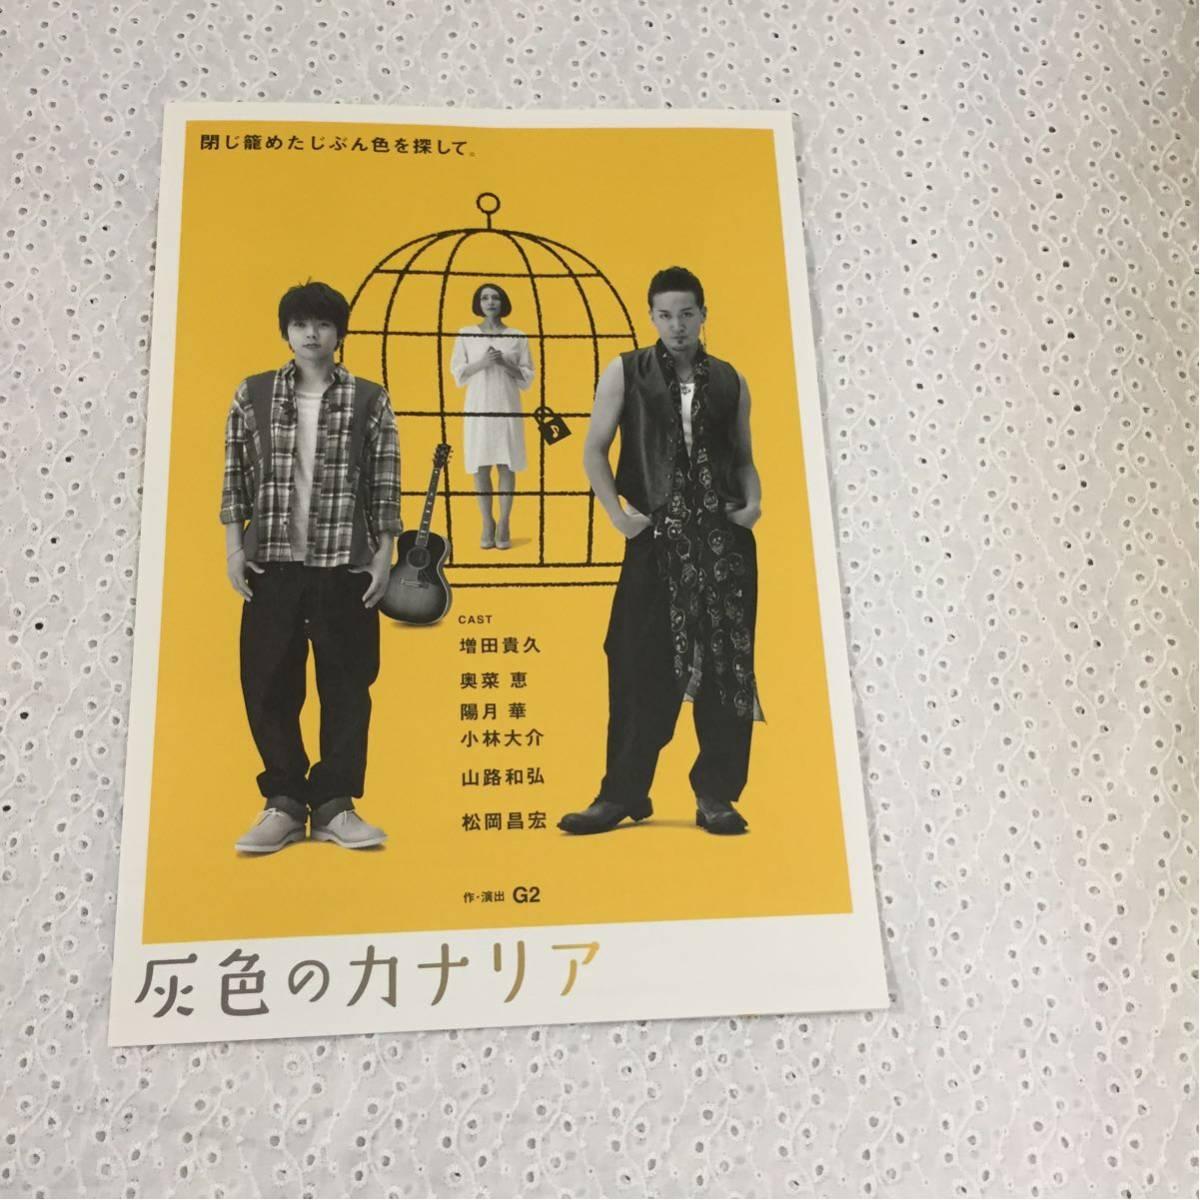 【非売品】舞台 灰色のカナリア フライヤー 増田貴久 松岡昌宏 奥菜恵 チラシ クリアファイルに挟んで発送します